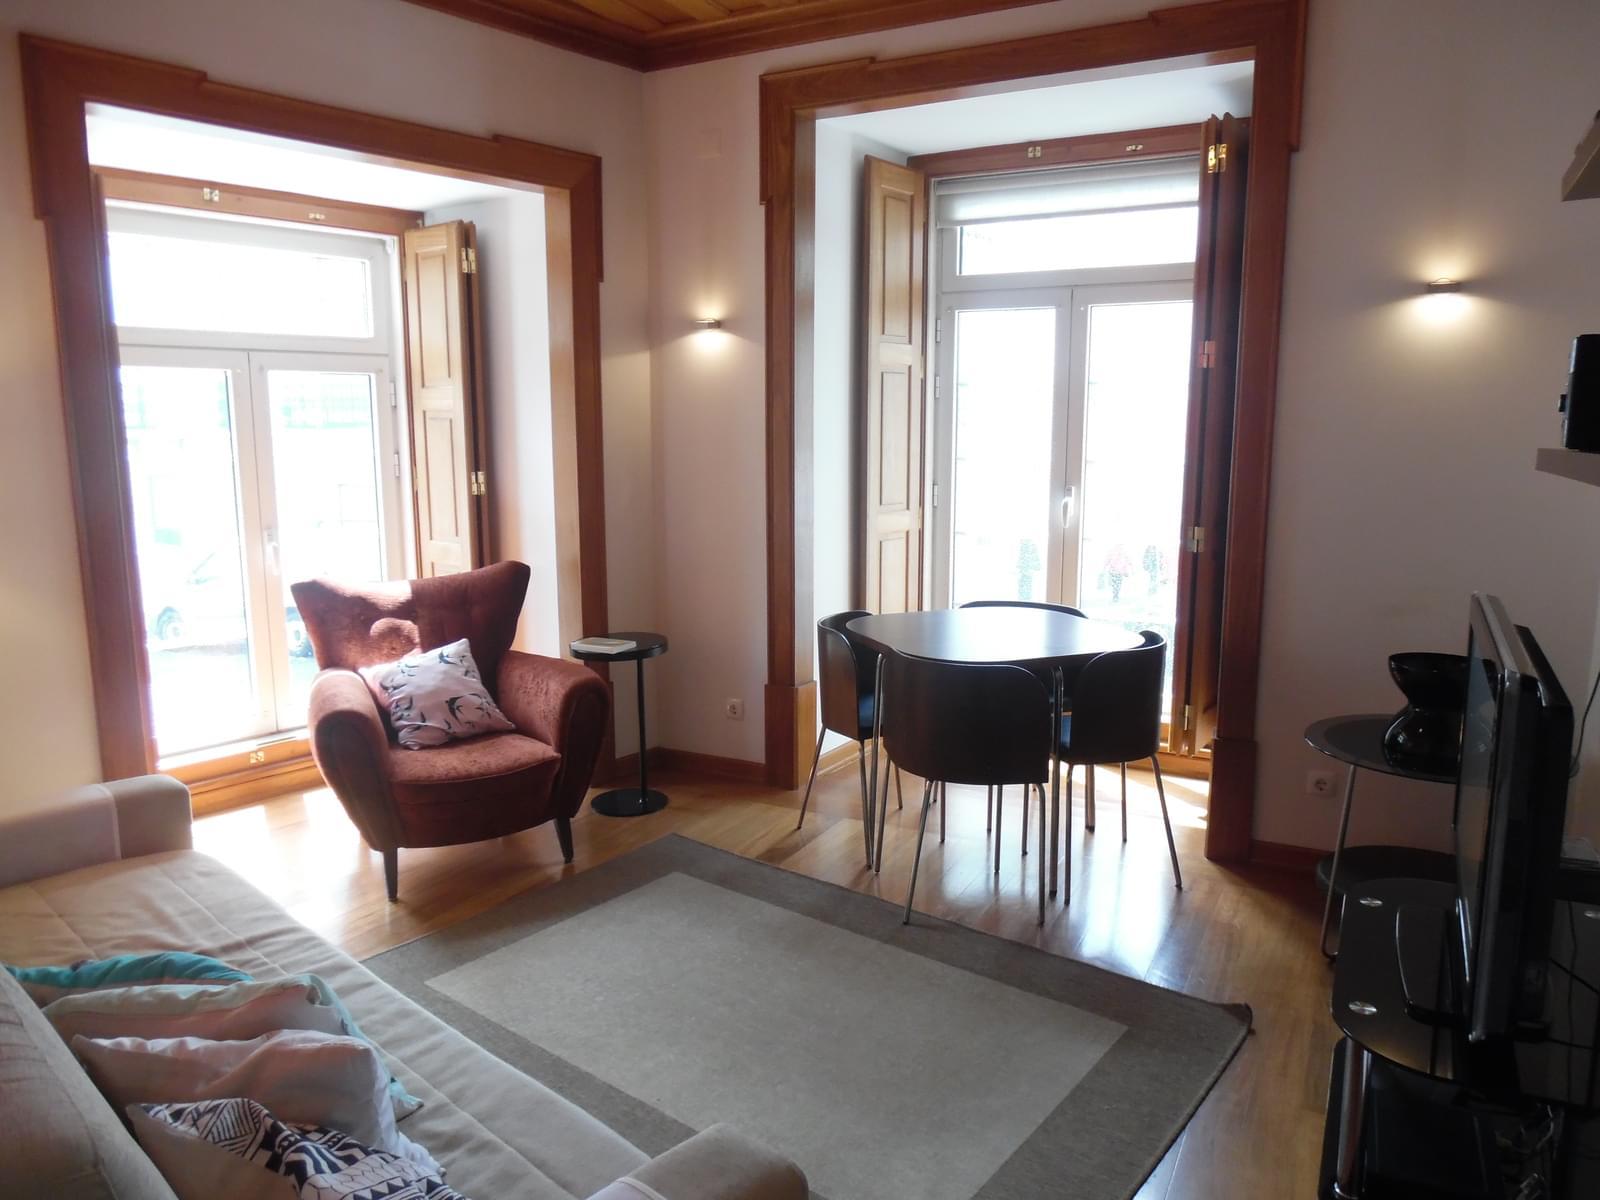 pf16905-apartamento-t1-lisboa-249be8f0-464a-47f6-a577-12c9880e61ae